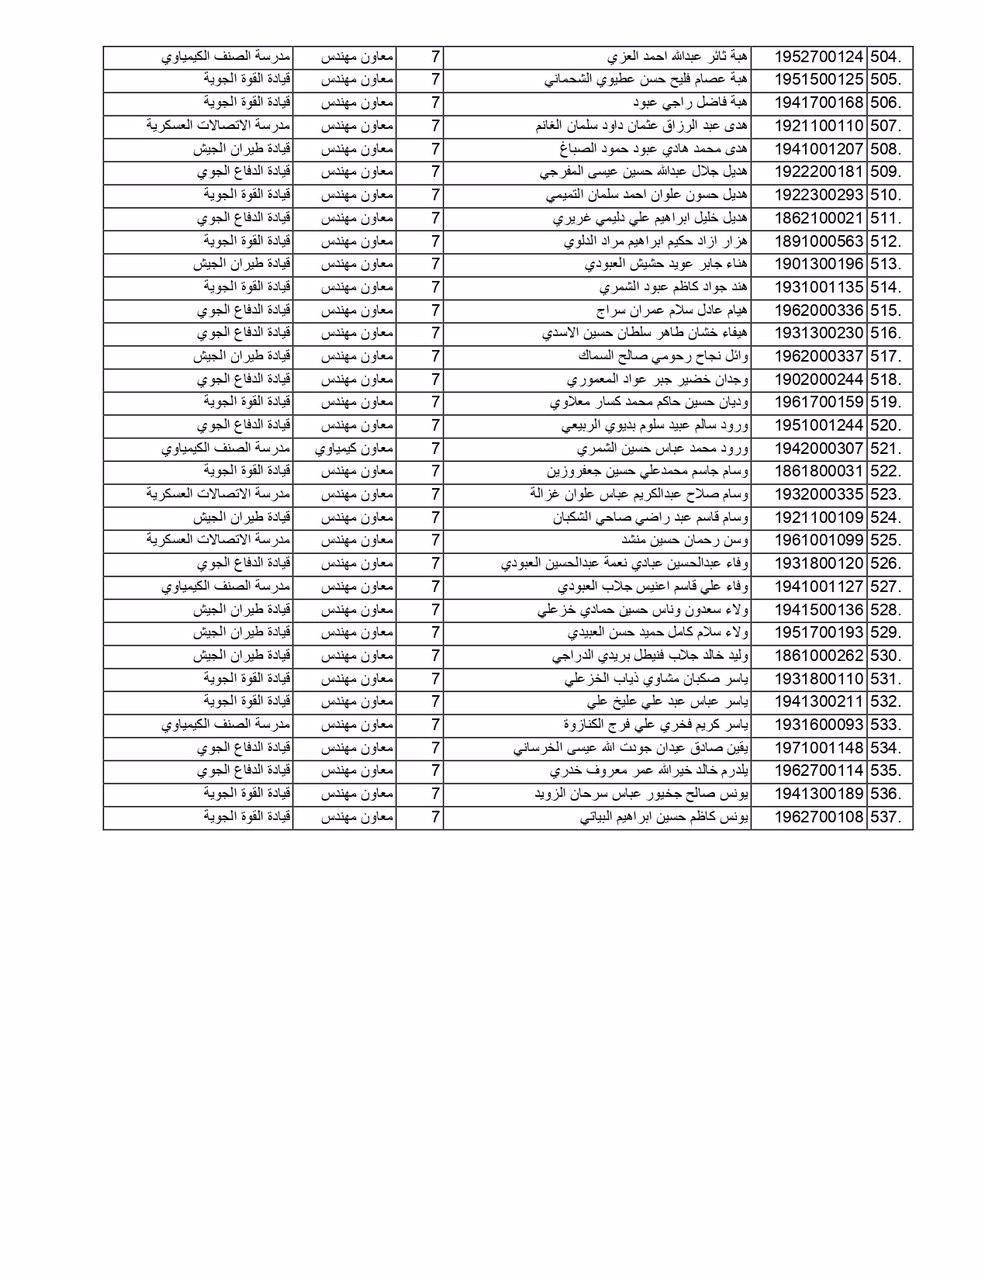 مبرووك وزارة الدفاع تعلن عن أسماء (الوجبة الثانية) من الموظفين المعينين  1149